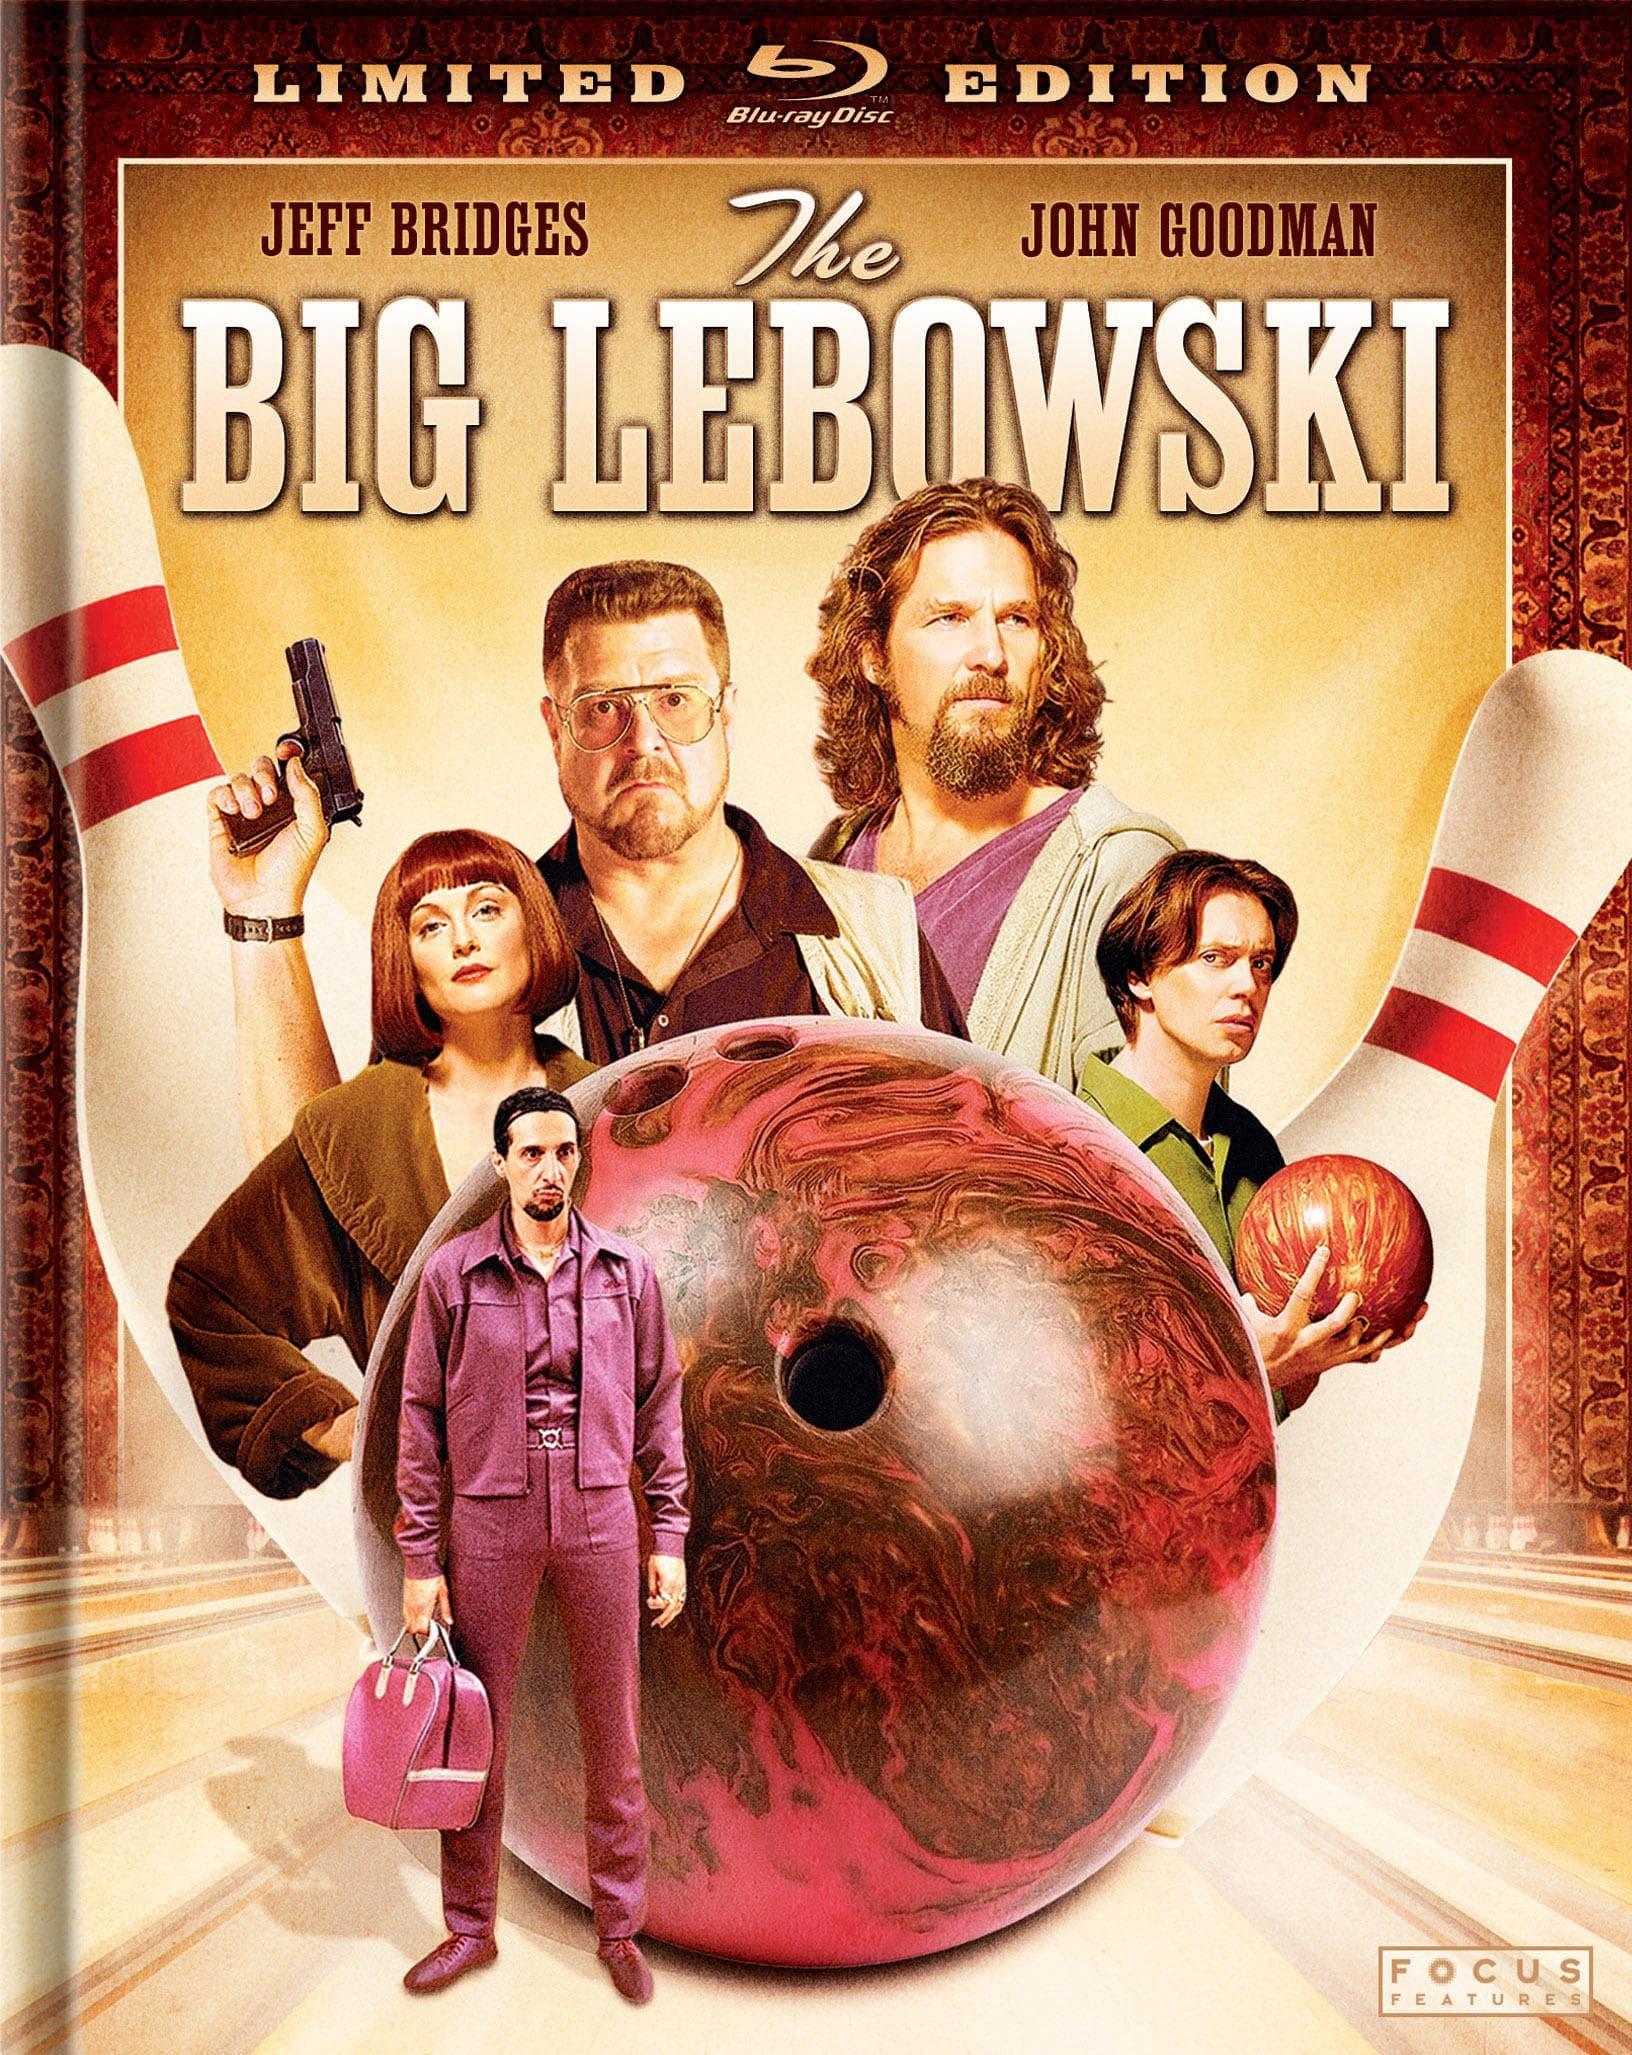 Random Best Indie Comedy Movies